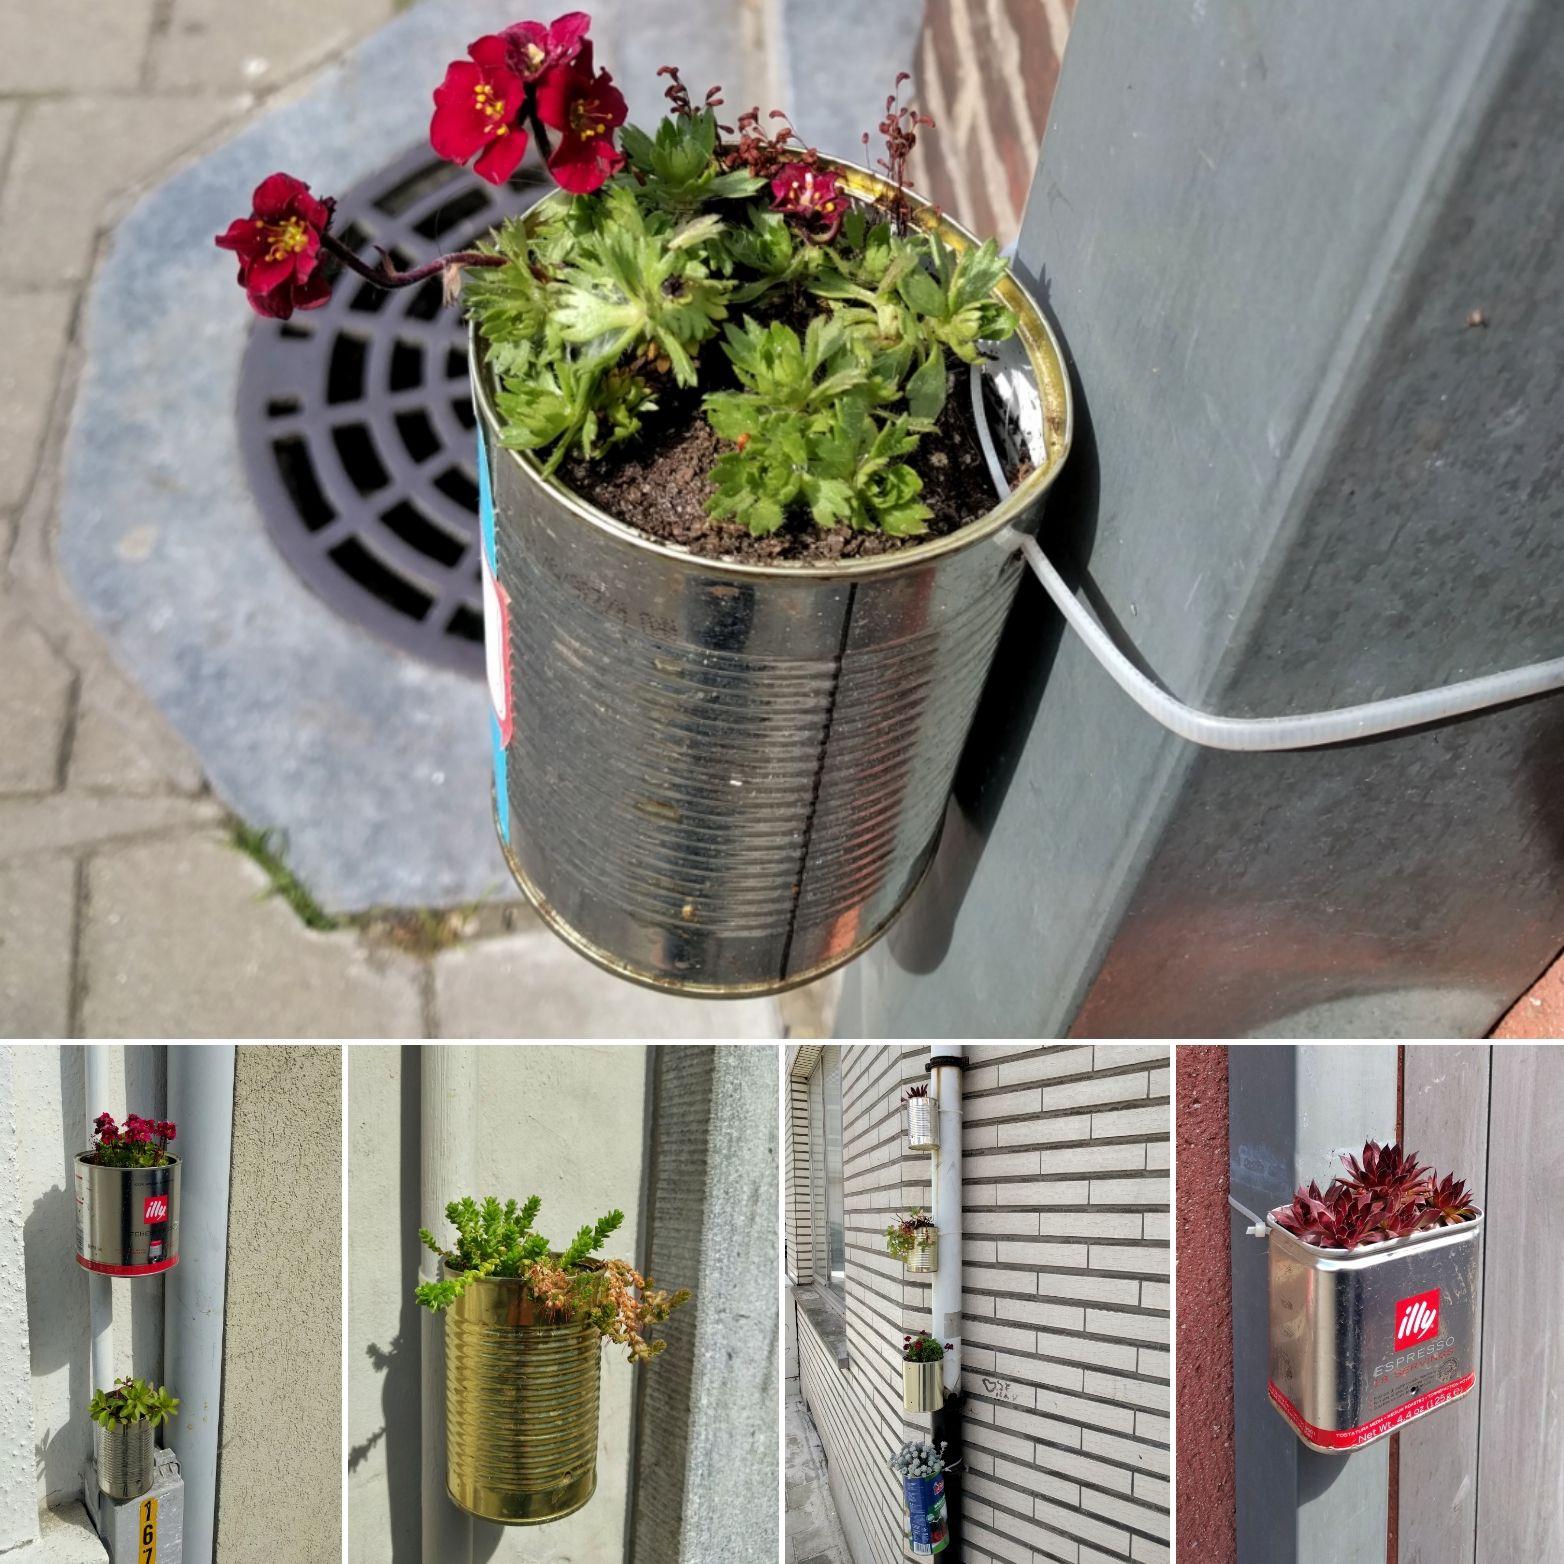 buurt opfleuren plantjes in blik